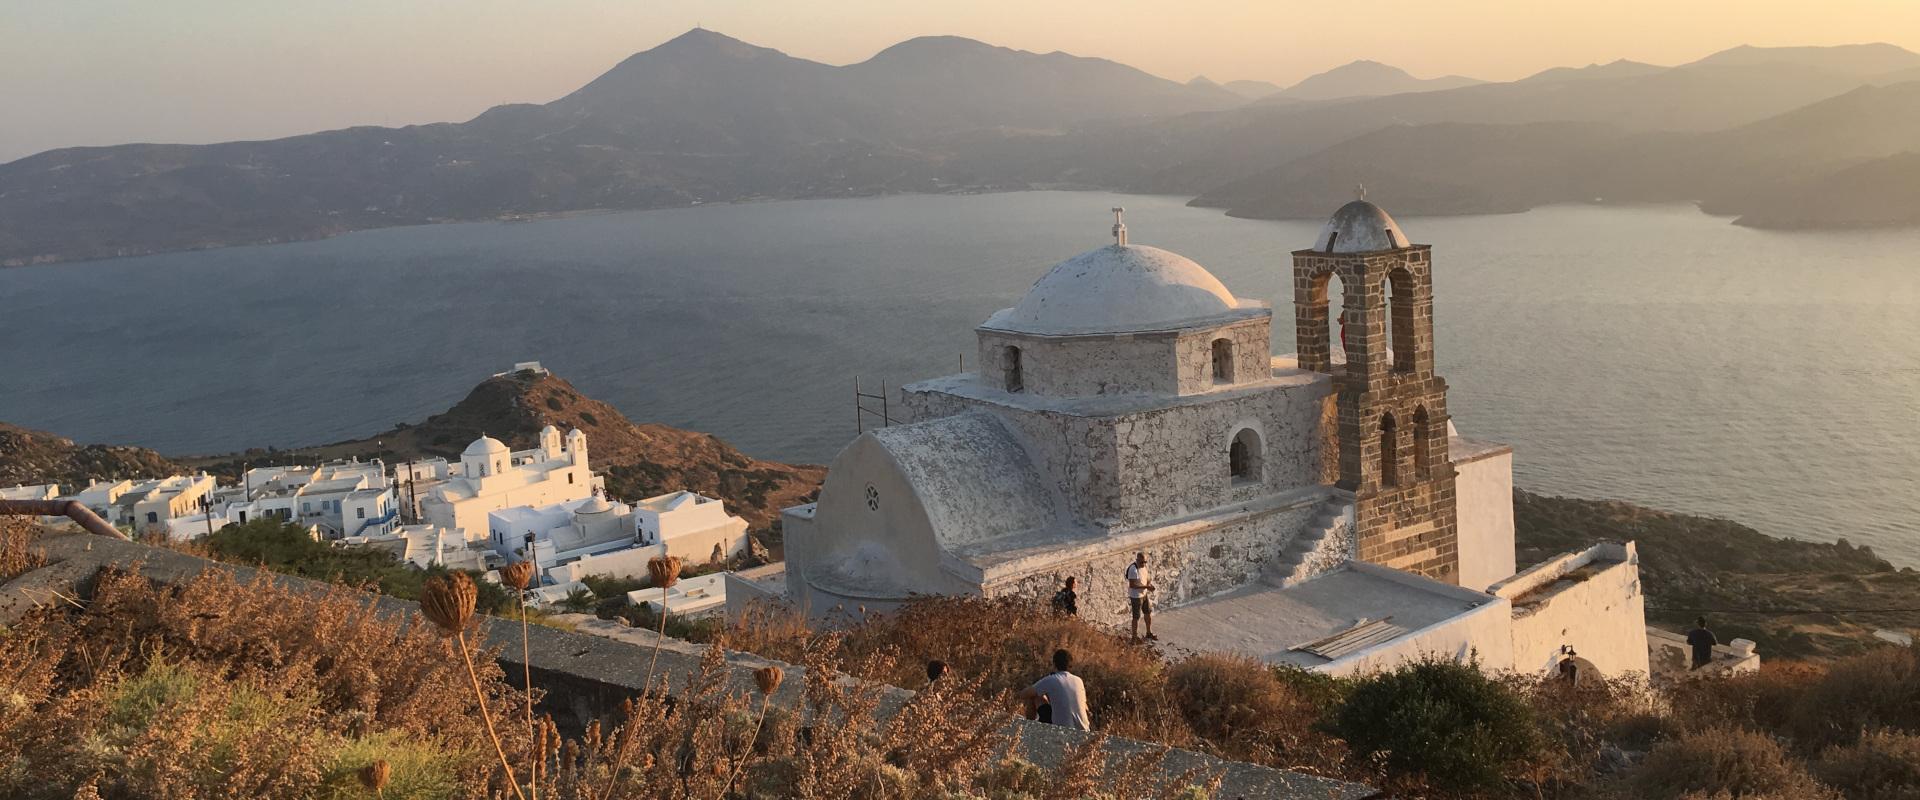 Island Milos in Greece